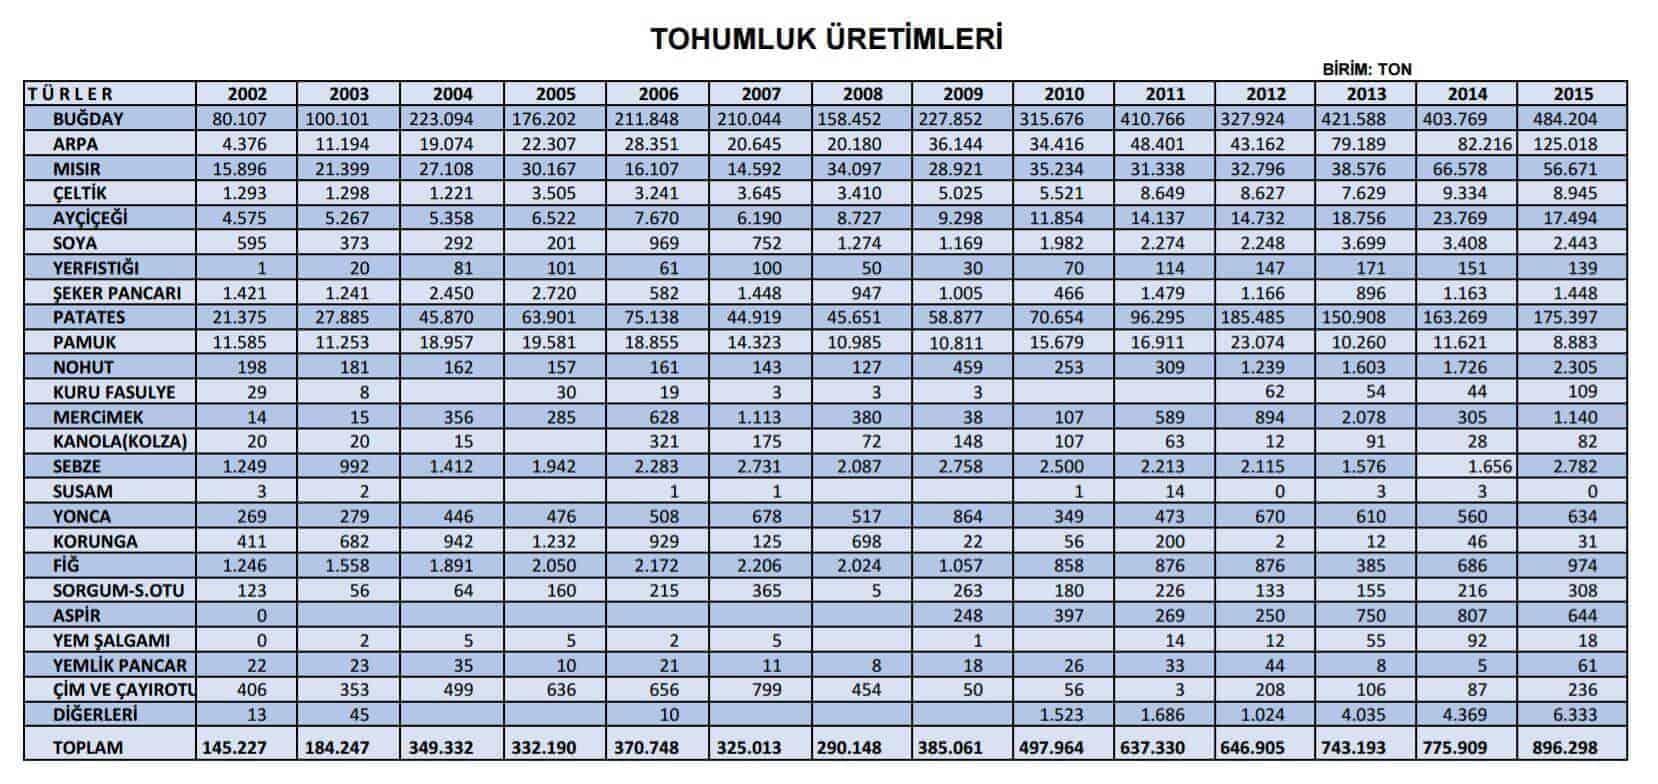 türkiye'de tohum üretimi